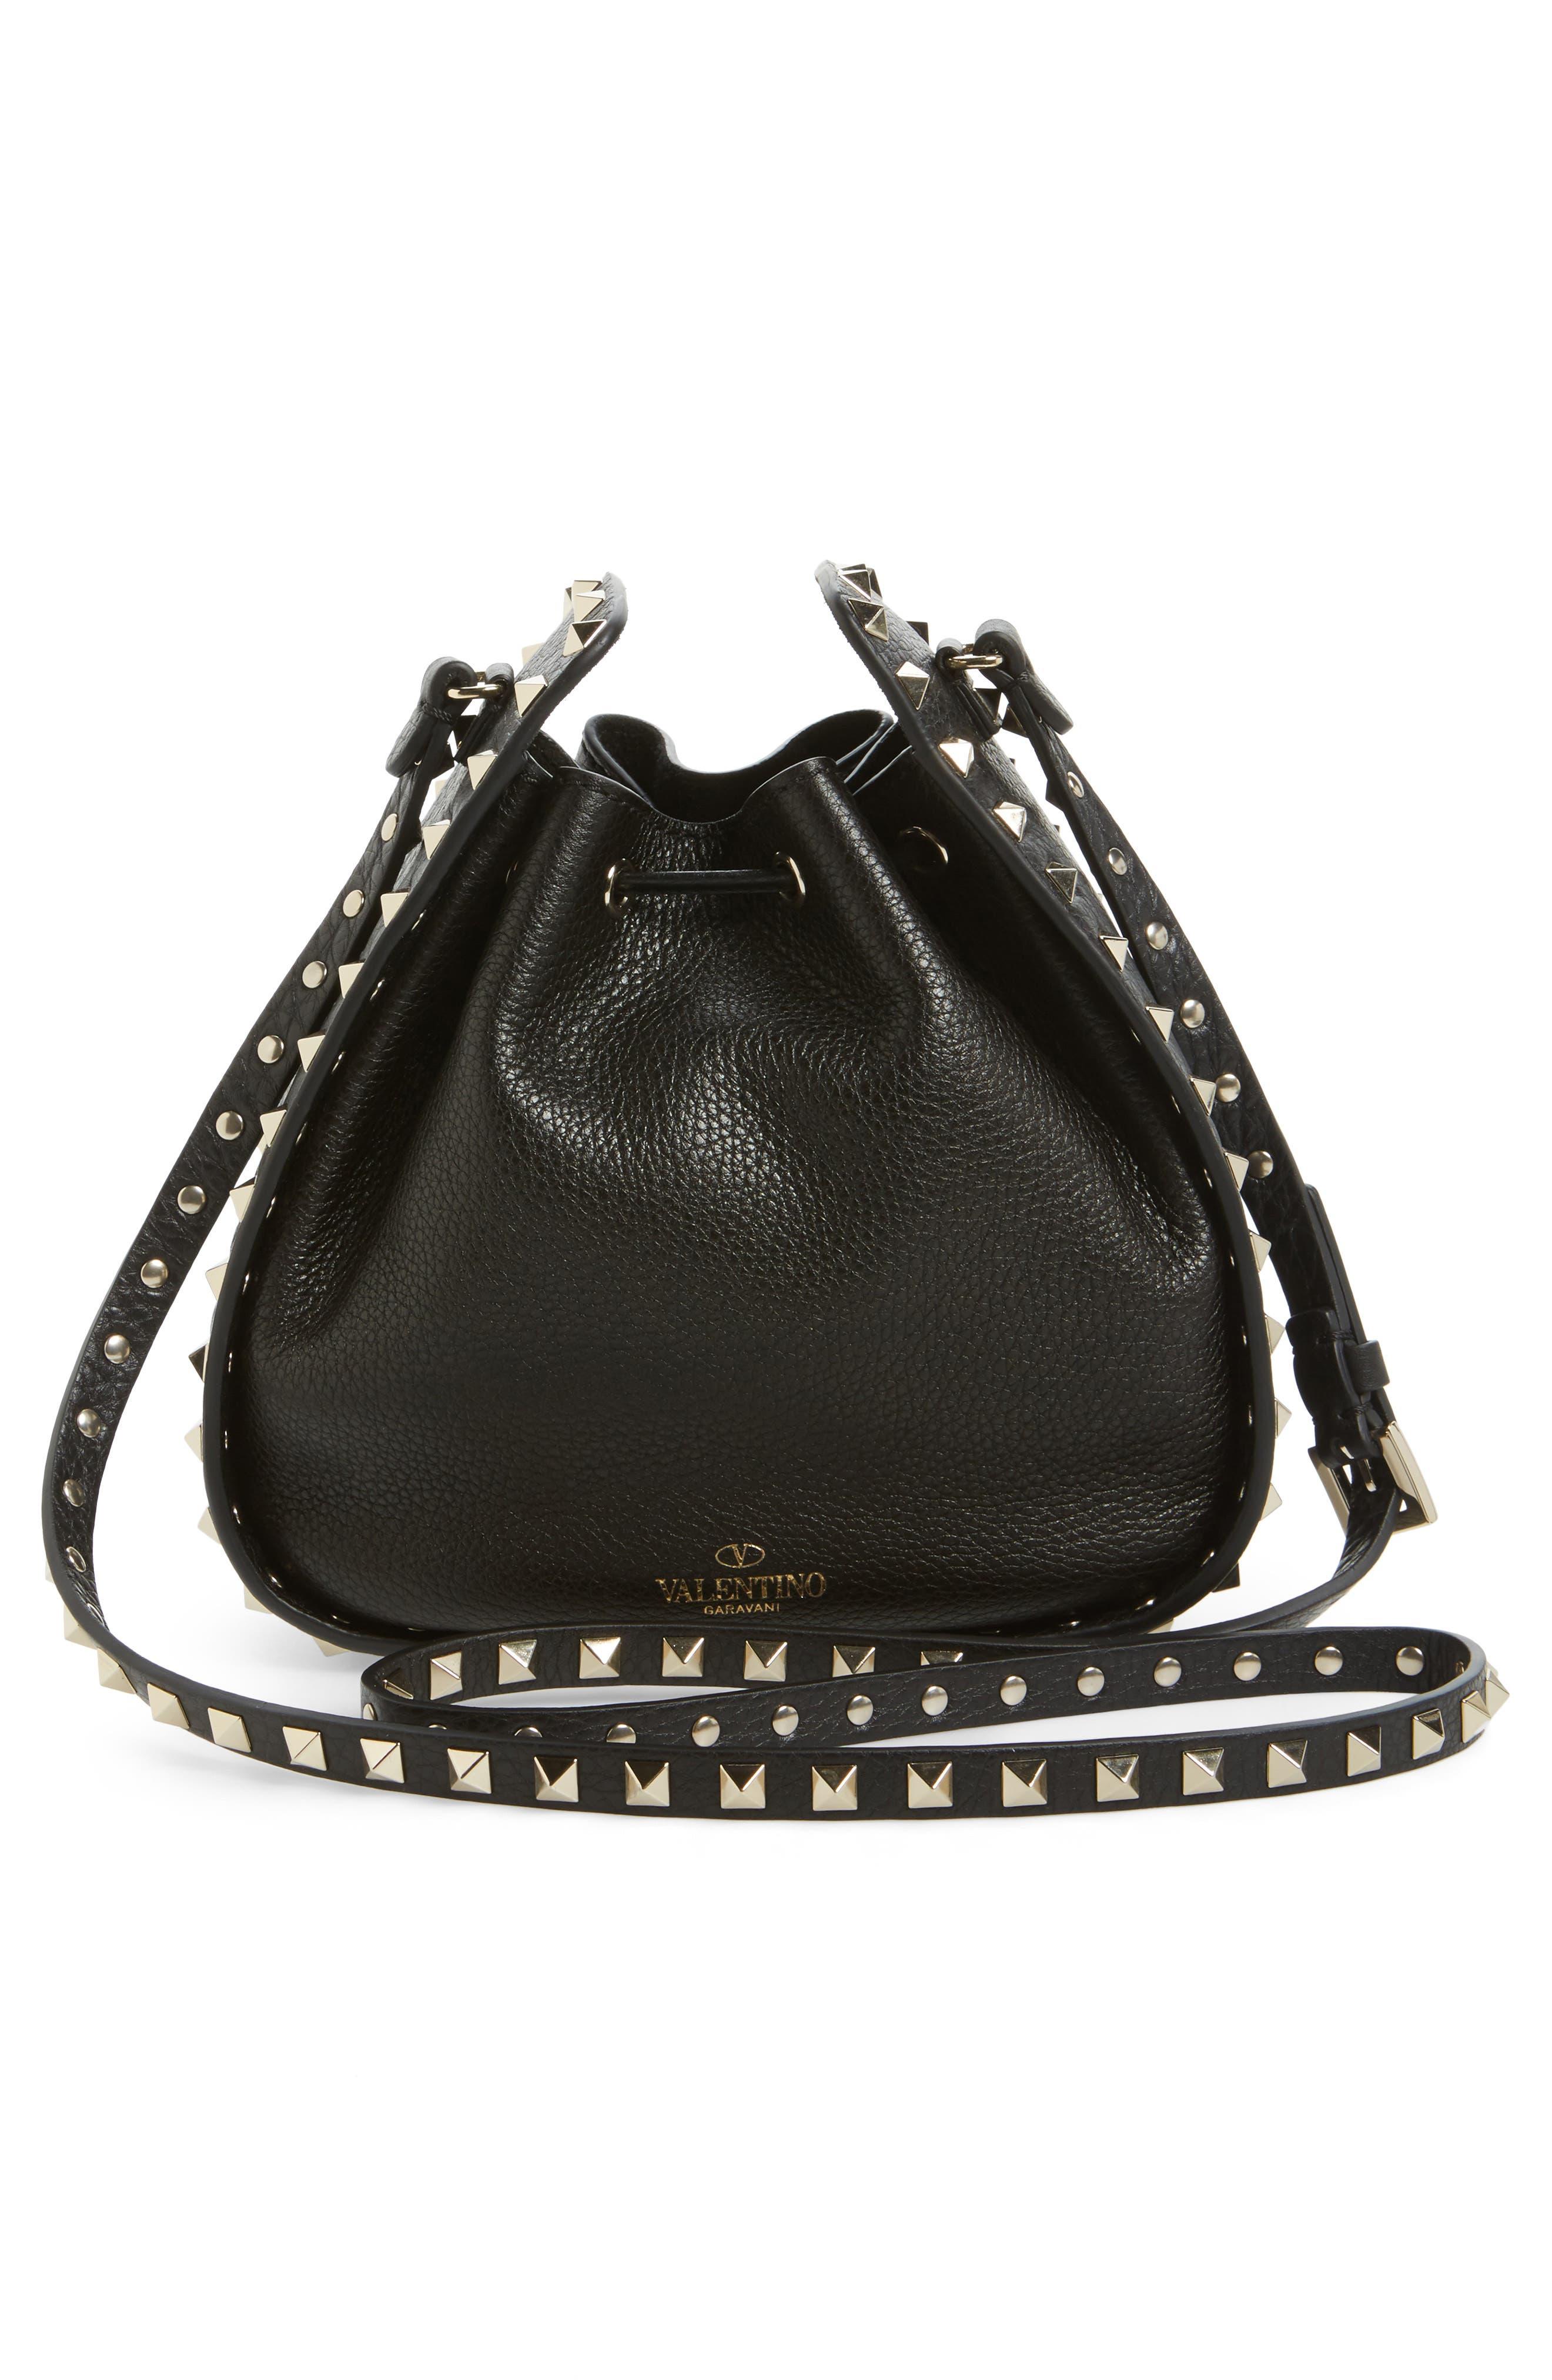 VALENTINO GARAVANI,                             Rockstud Leather Bucket Bag,                             Alternate thumbnail 3, color,                             001